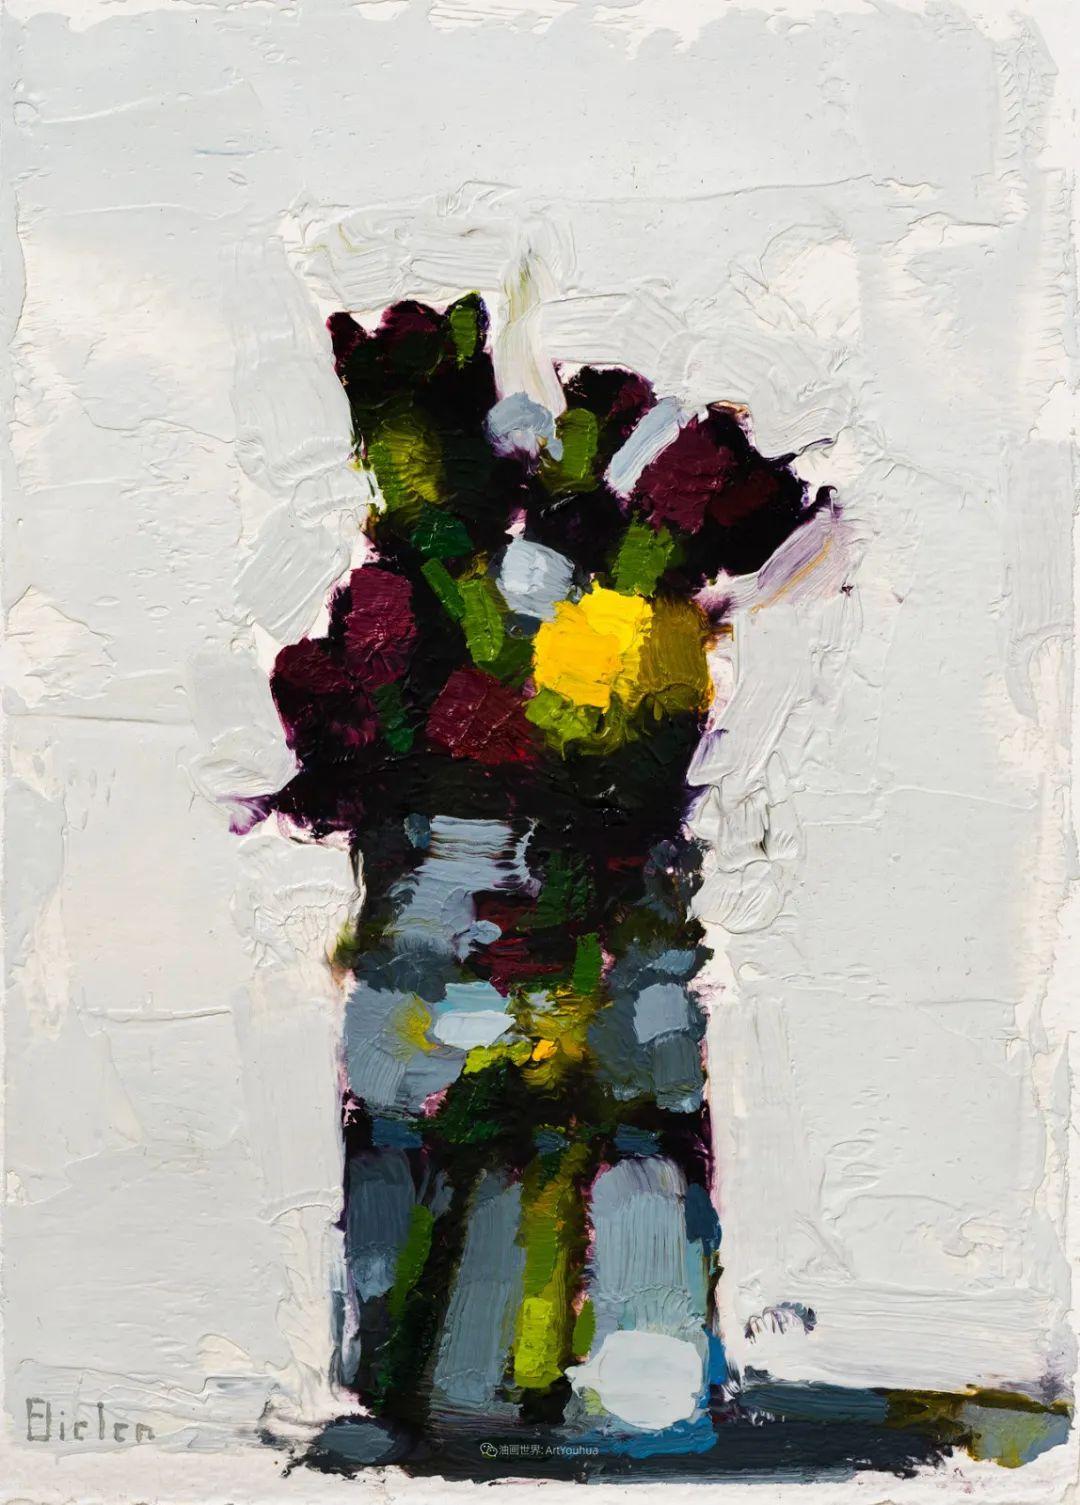 简约宁静 | 波兰画家斯坦利·比伦作品欣赏插图75